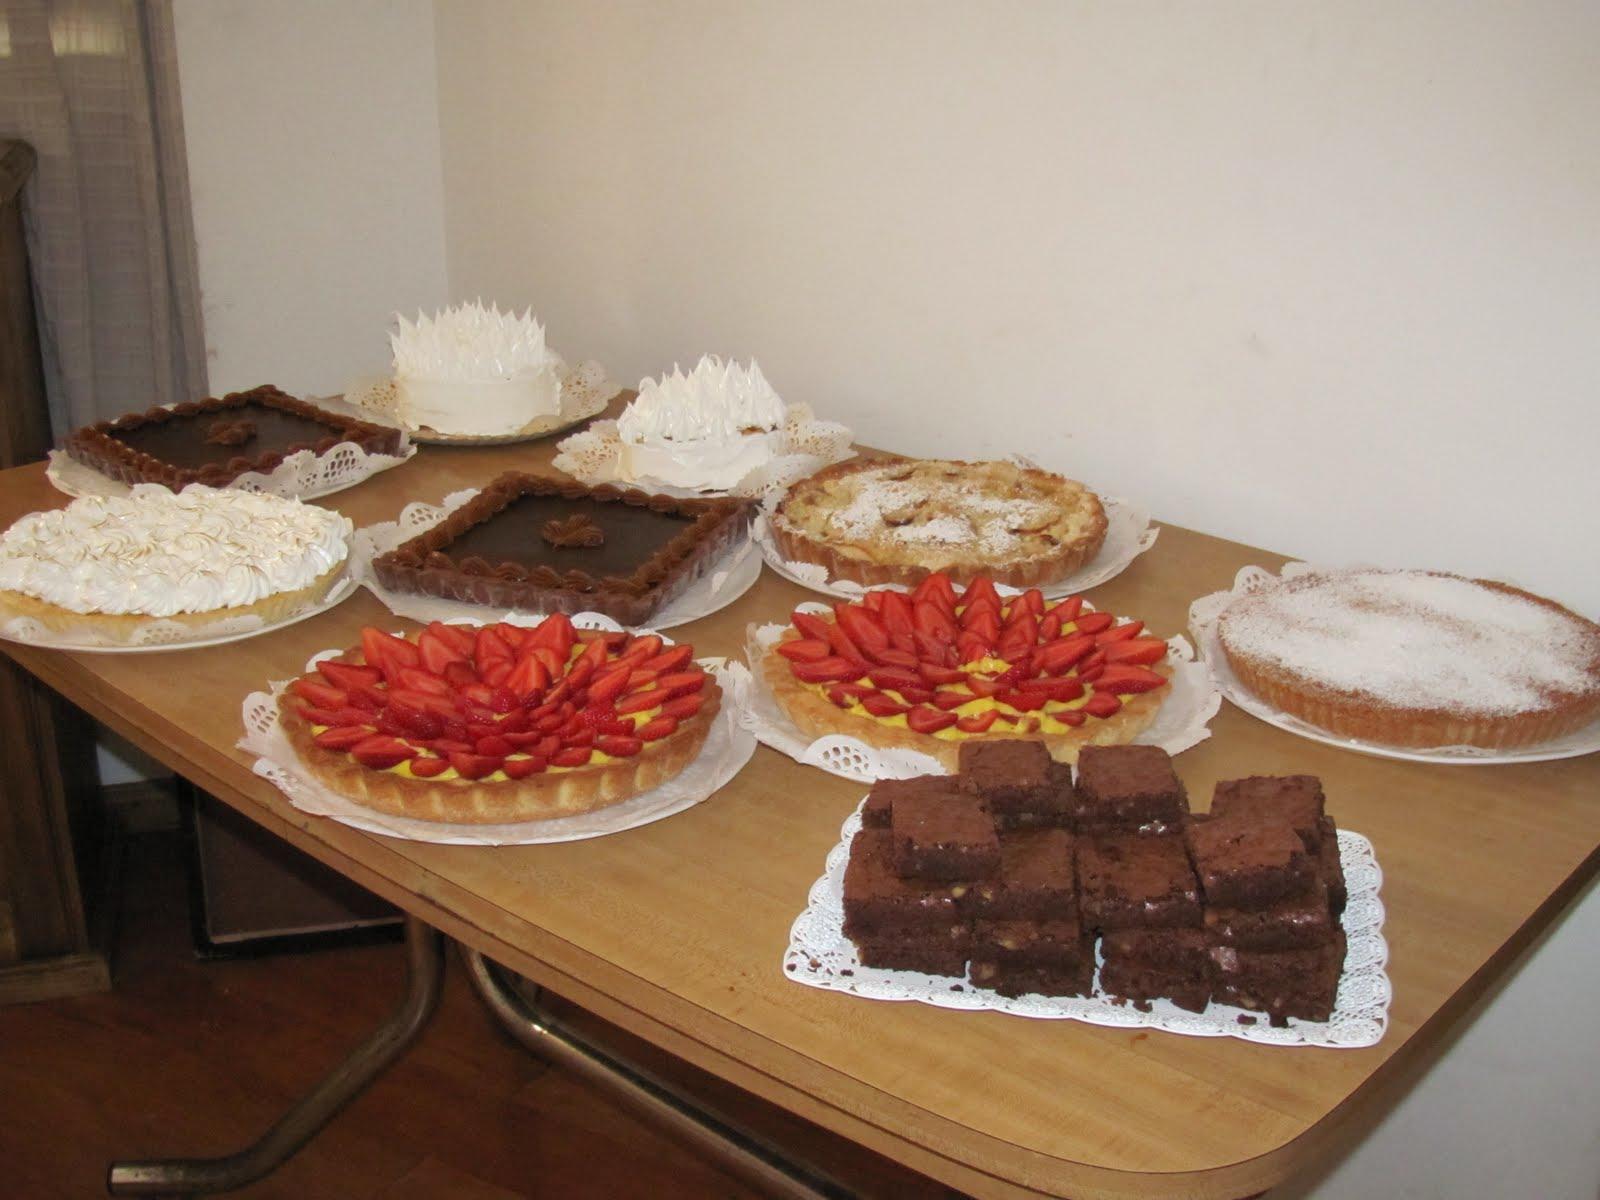 Mesas De Dulces Y Postres Fuentes De Chocolate Servicios De - Postres-para-mesa-de-dulces